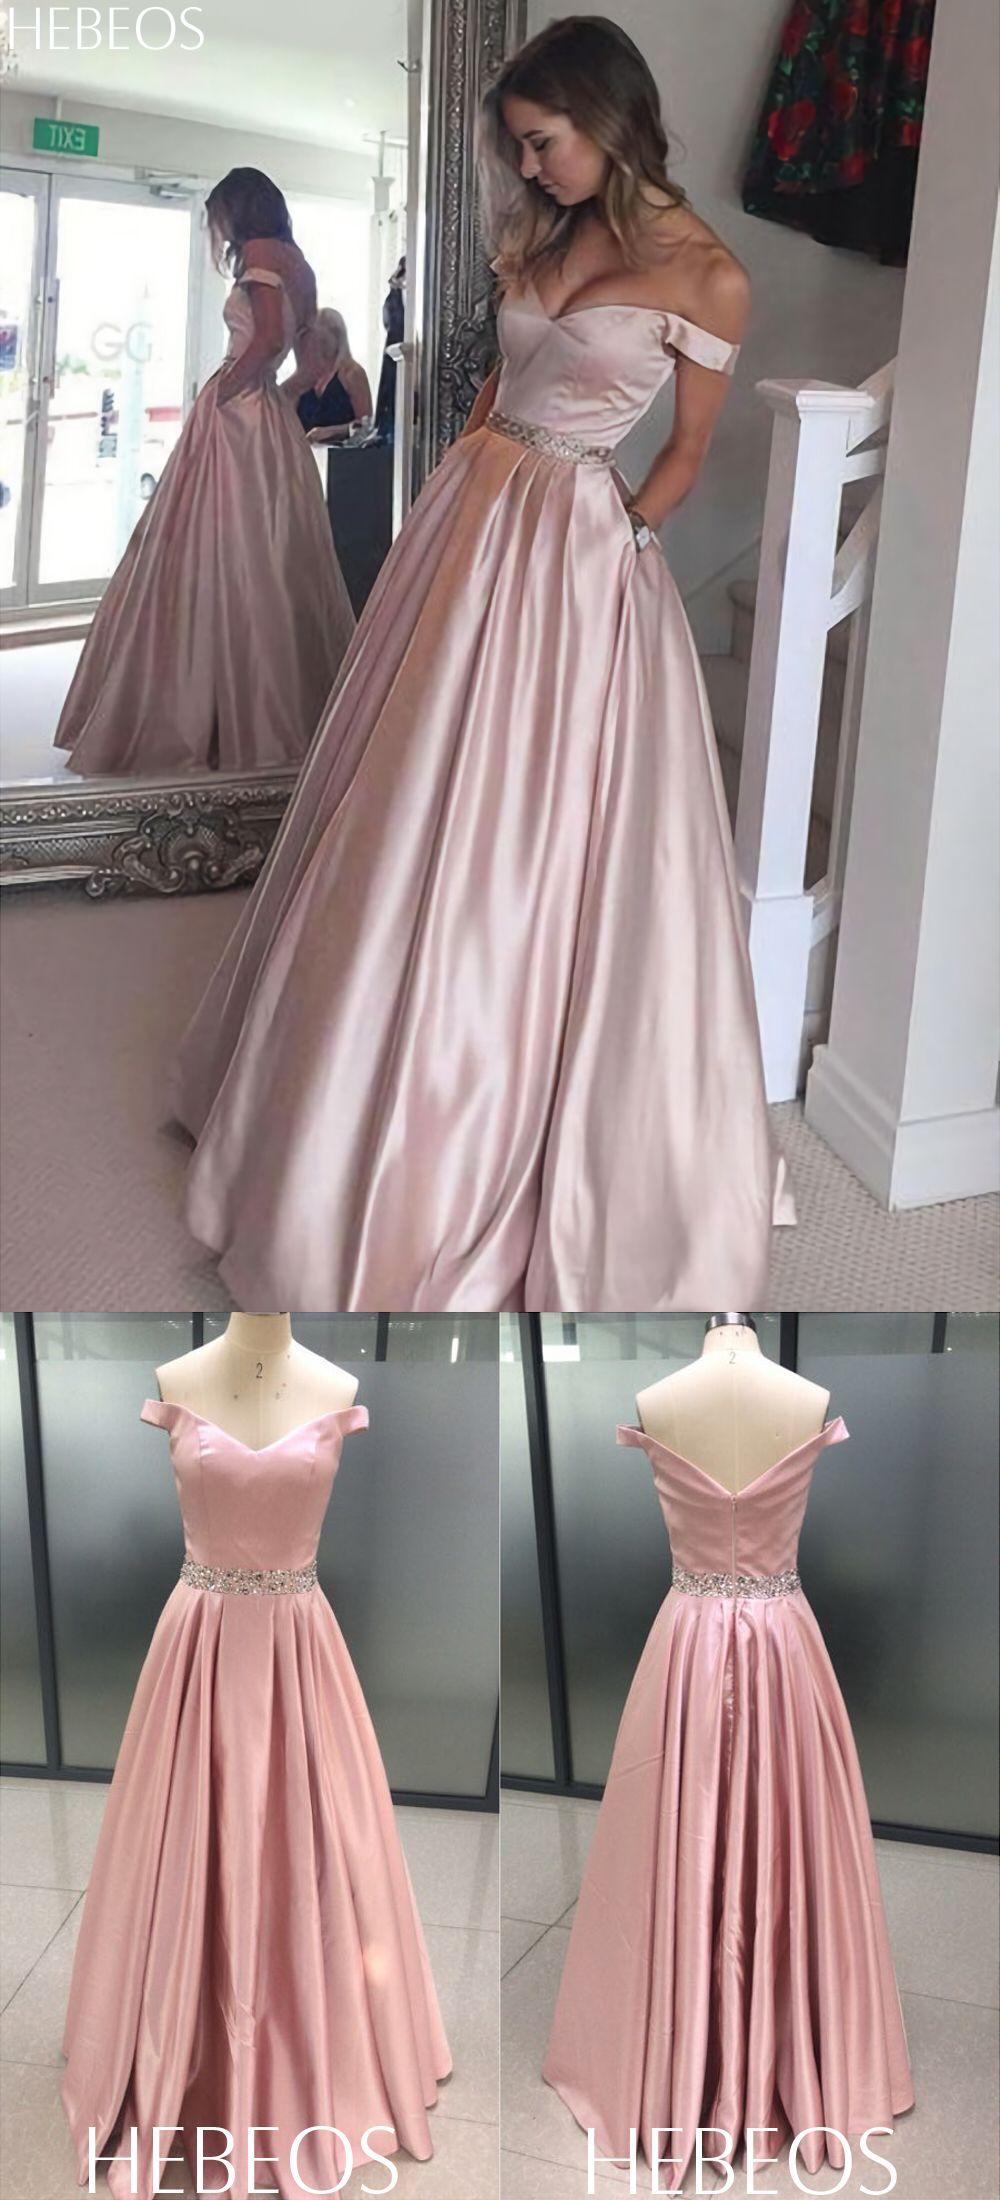 Hebeos aline offtheshoulder satin pink long prom dresses